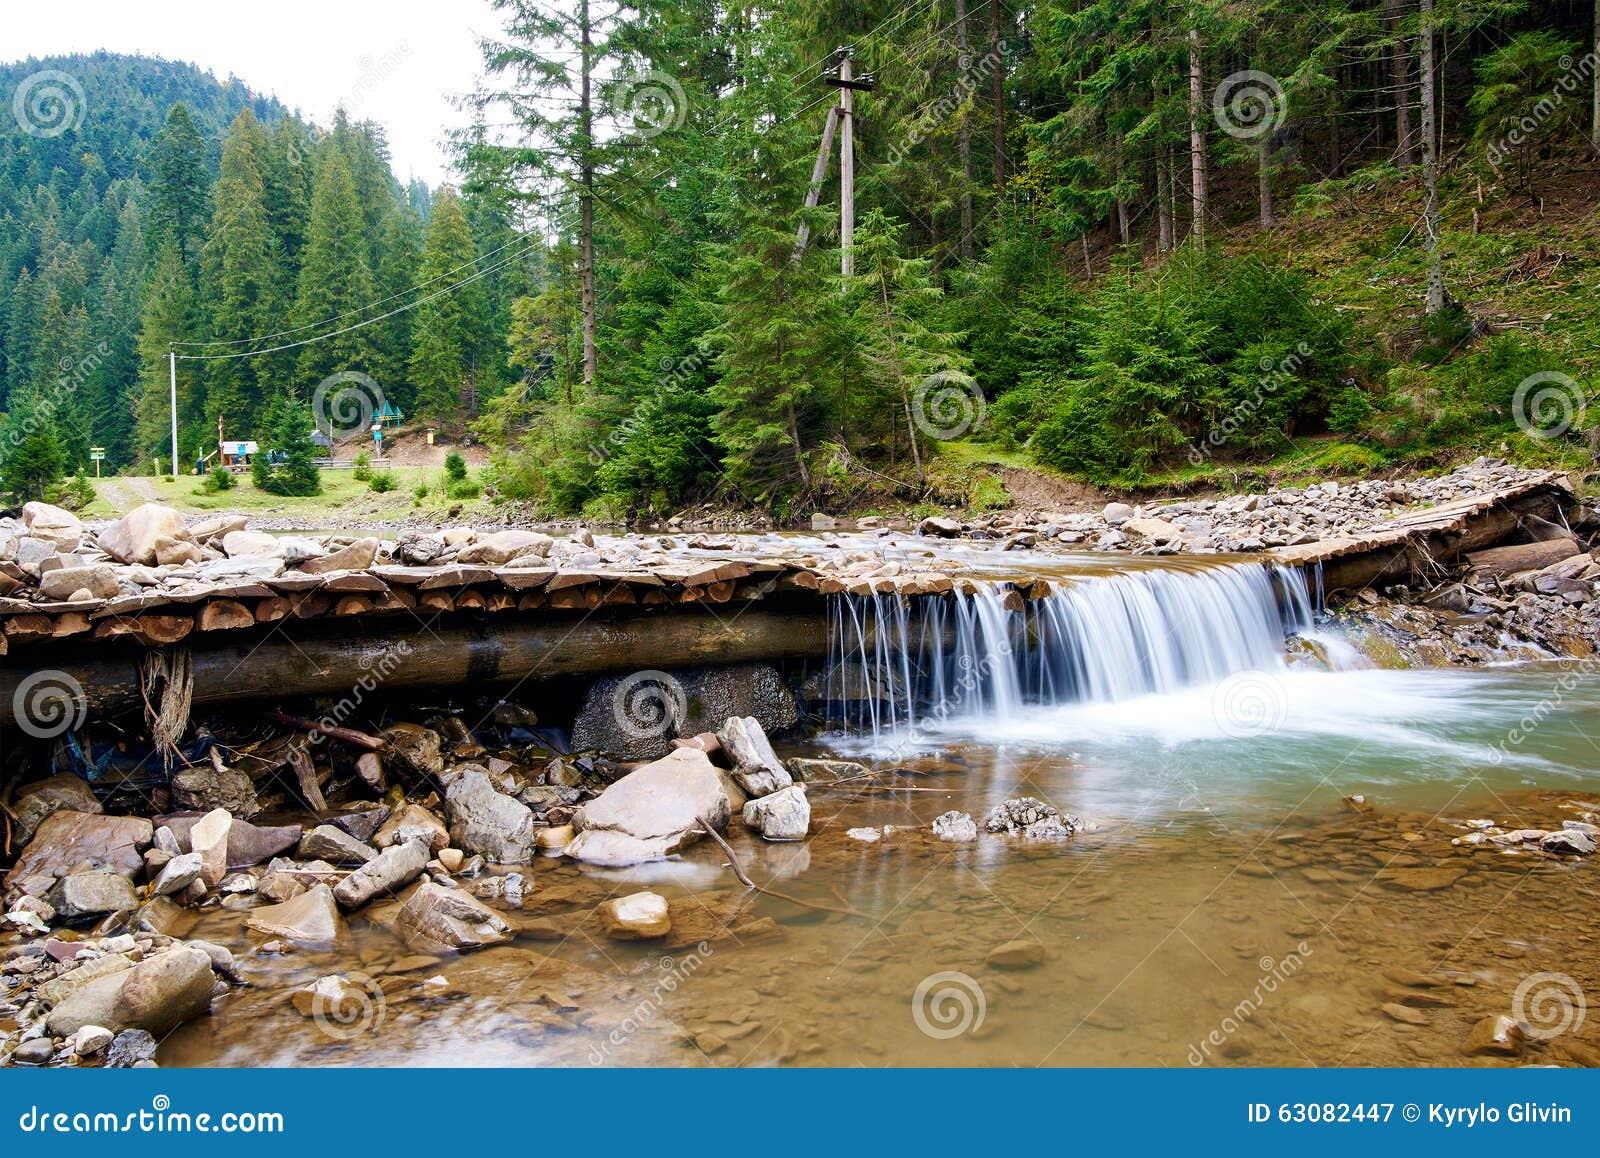 Download Rivière De Montagne Avec La Petite Cascade Image stock - Image du ressort, roches: 63082447